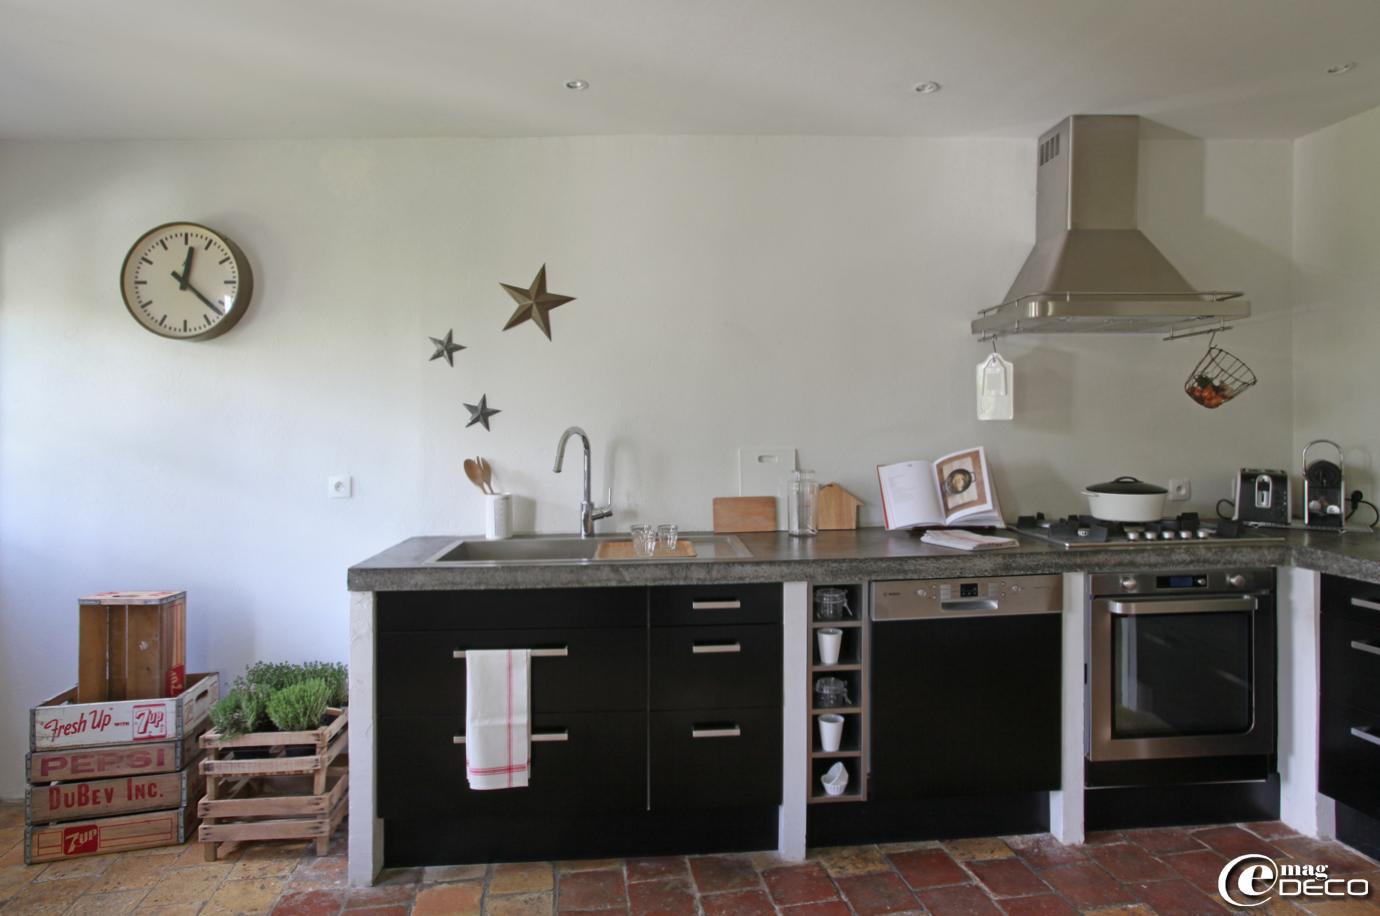 Boite A Chapeau Ikea Meilleur De Photos Chez Les Voisins E Magdeco Magazine De Décoration